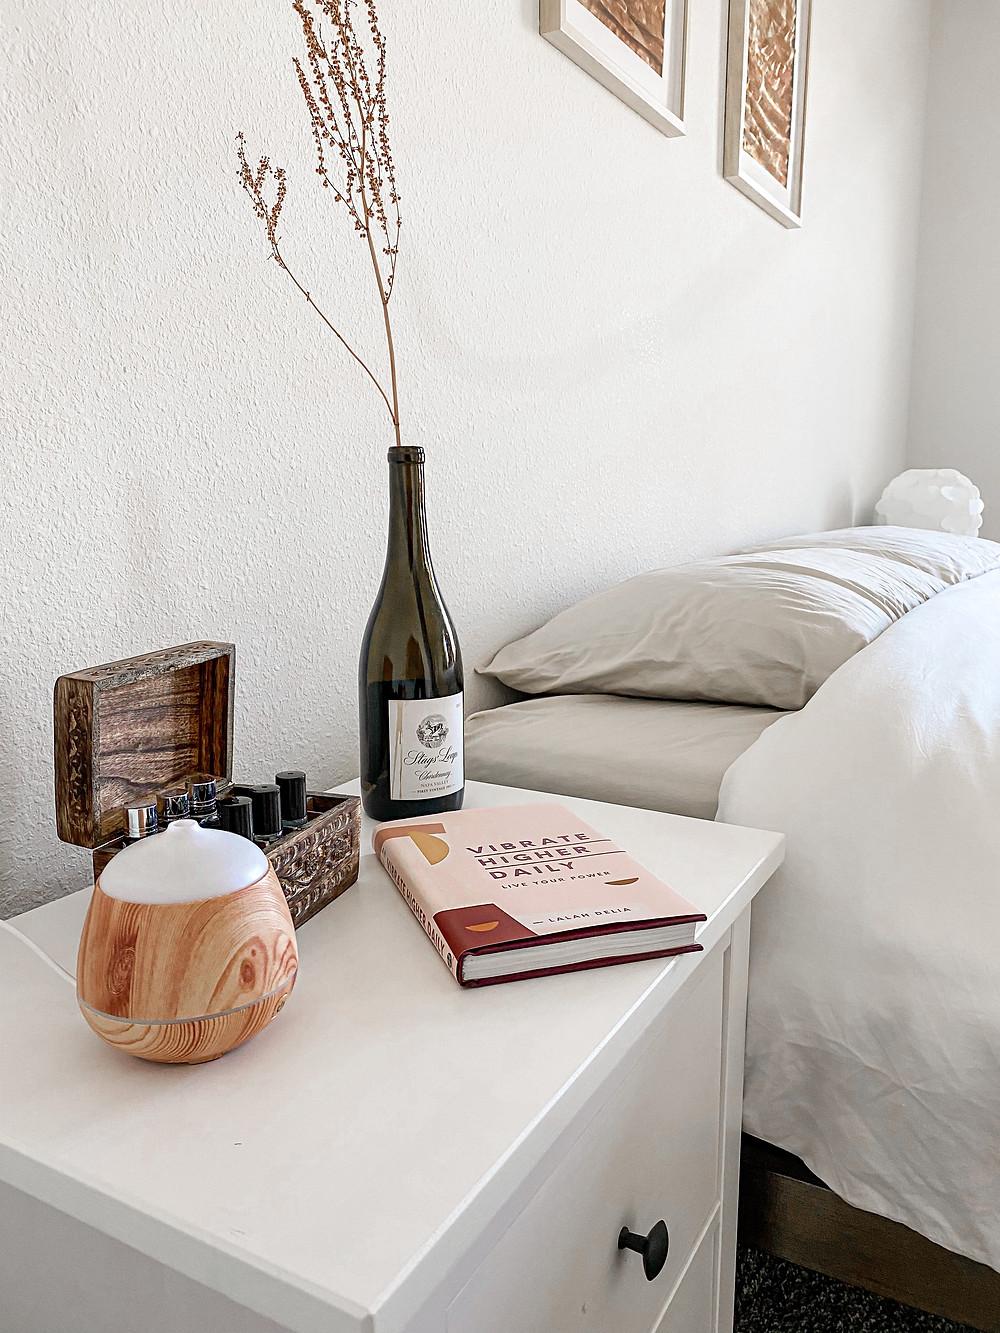 minimalist nightstand table